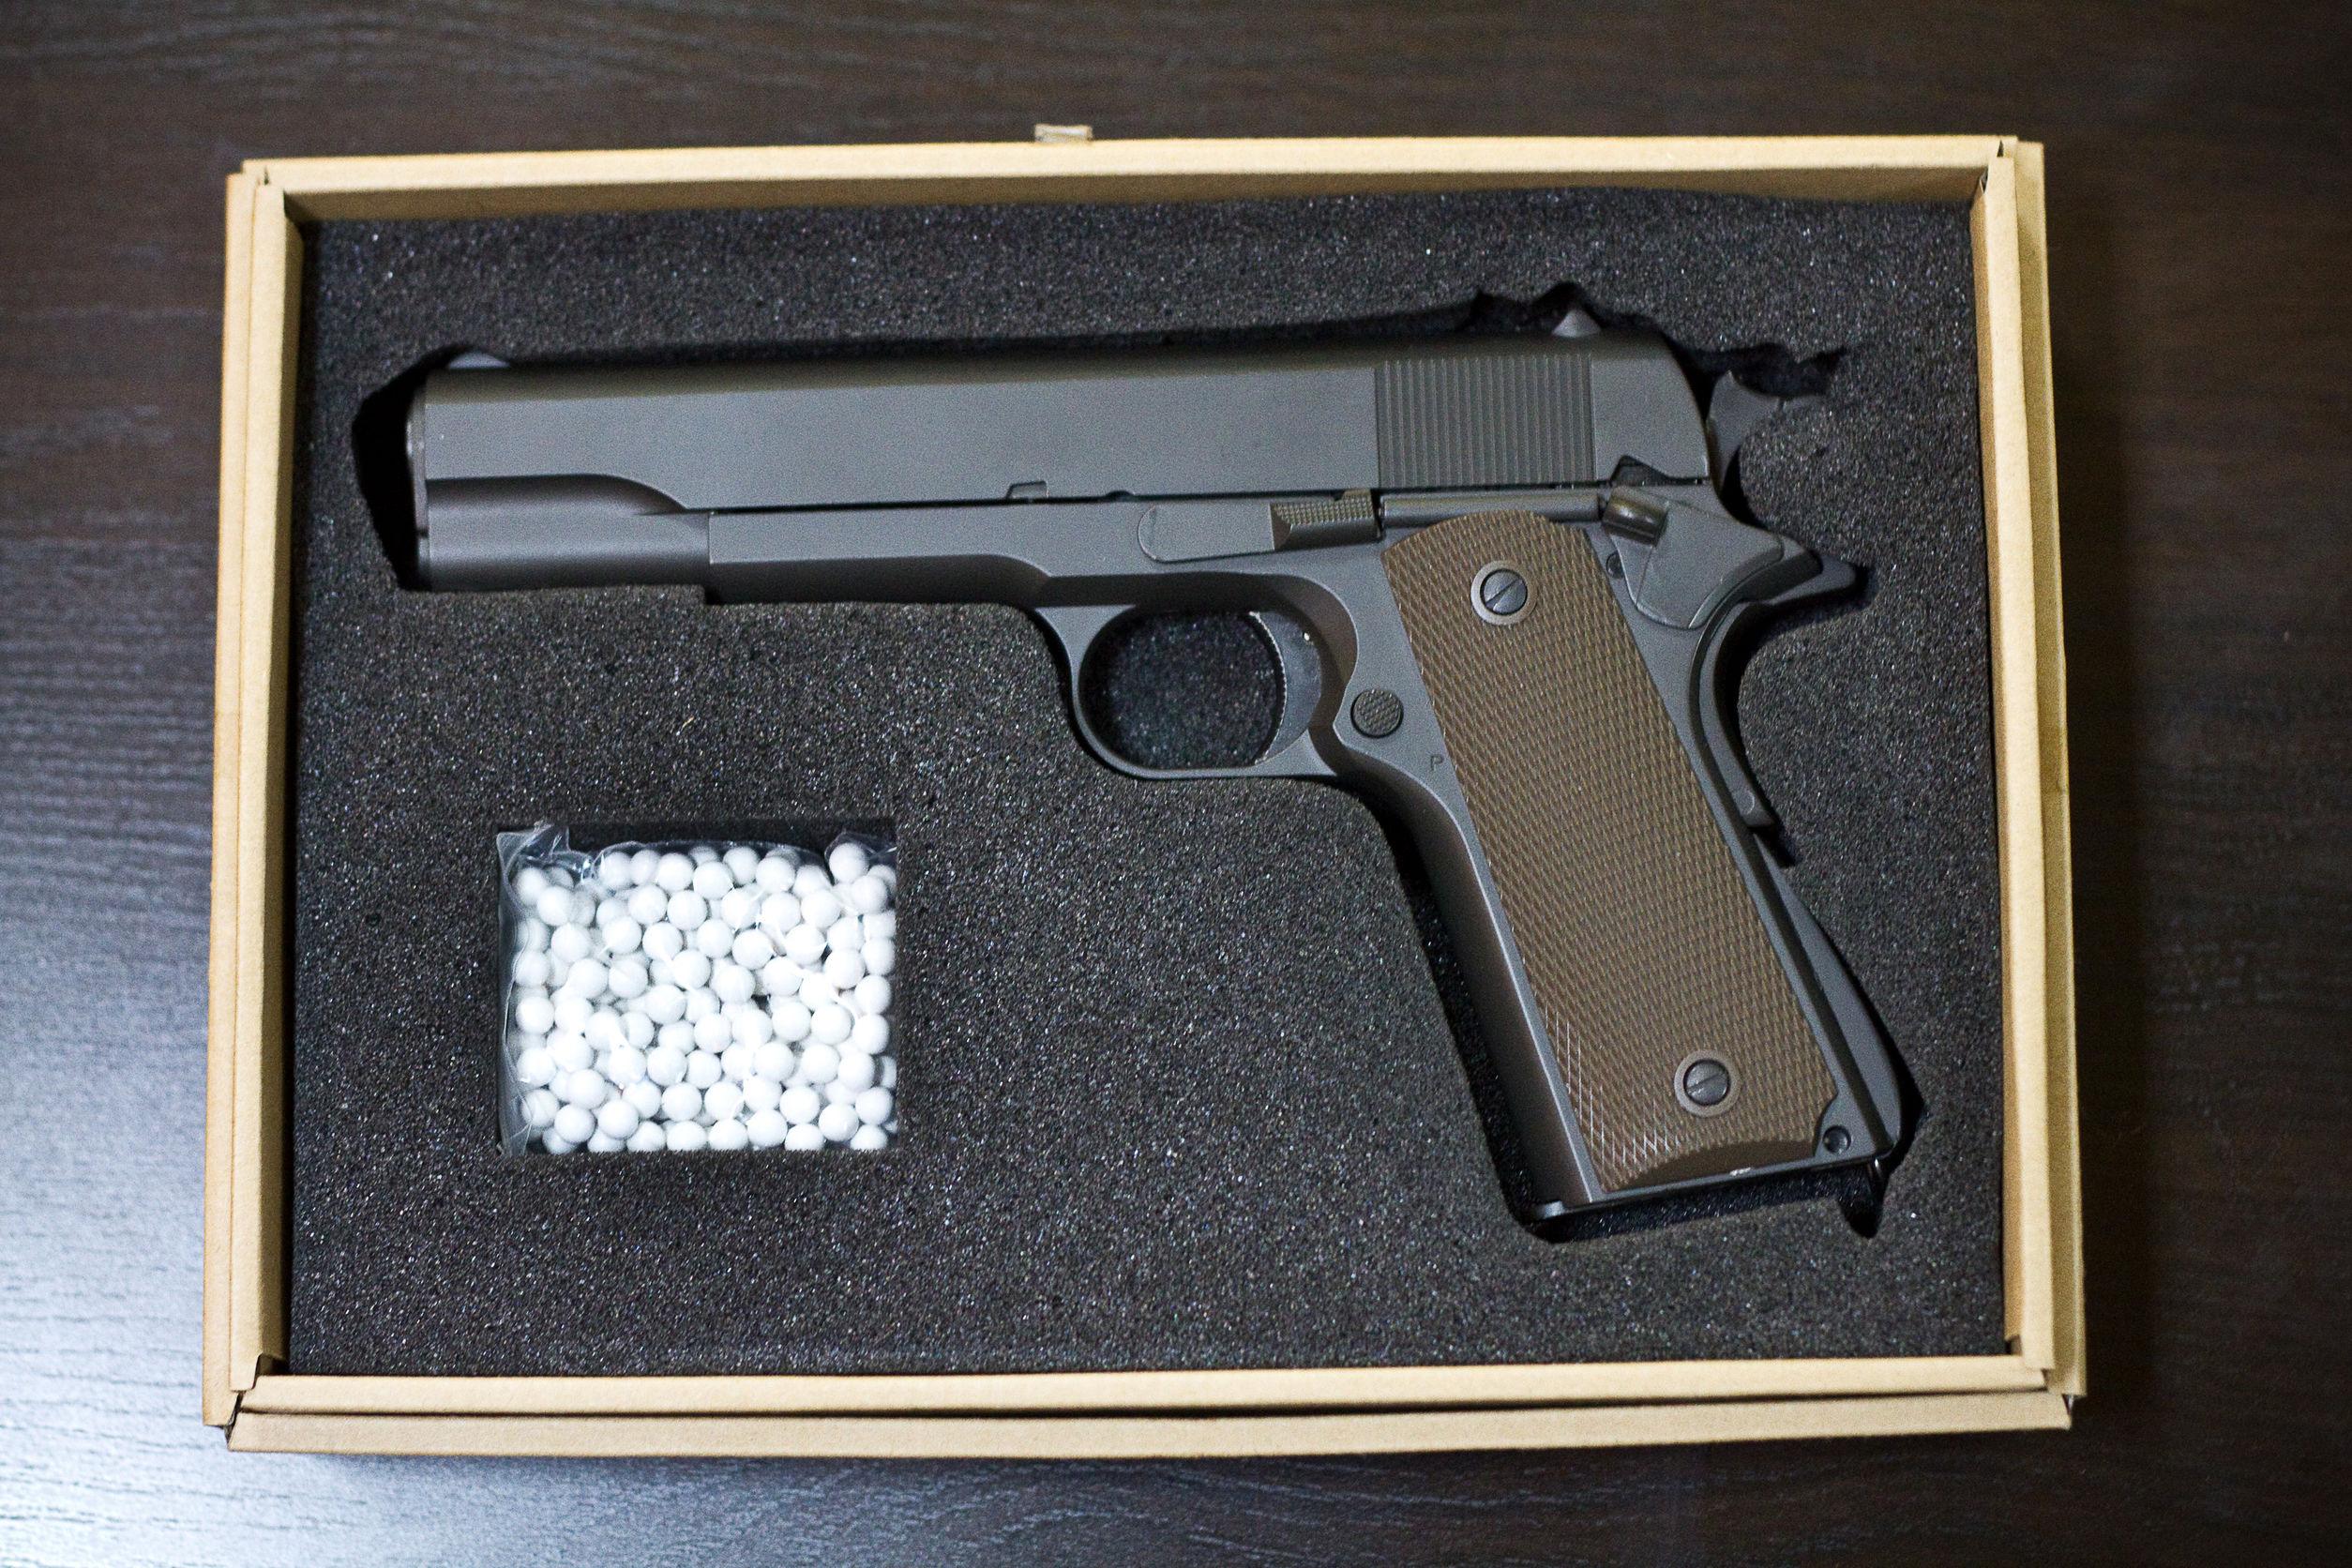 Pistola Strikeball con balas bb en una caja de cartón sobre un escritorio brillante